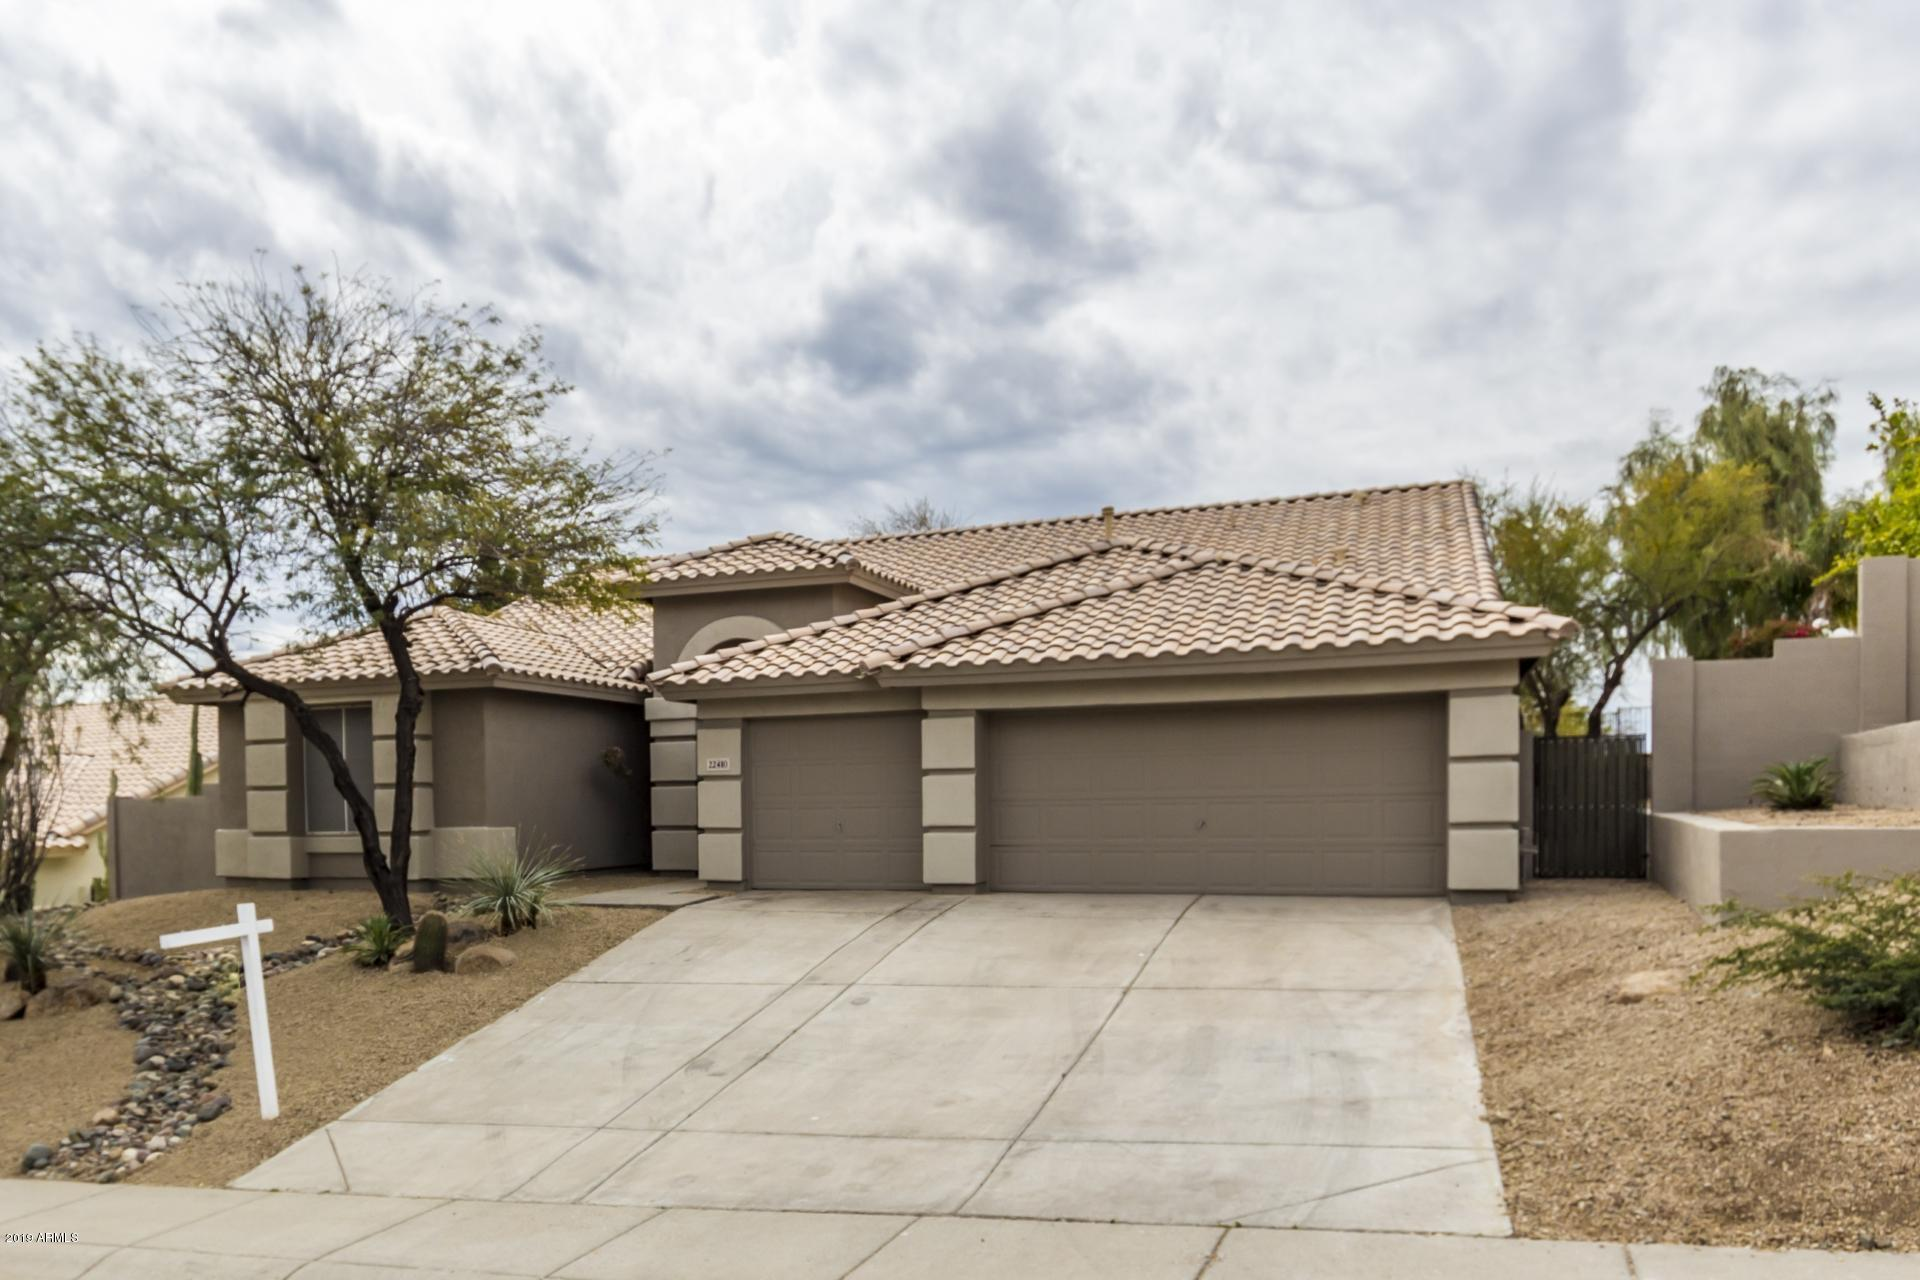 Photo of 22410 N 59TH Lane, Glendale, AZ 85310